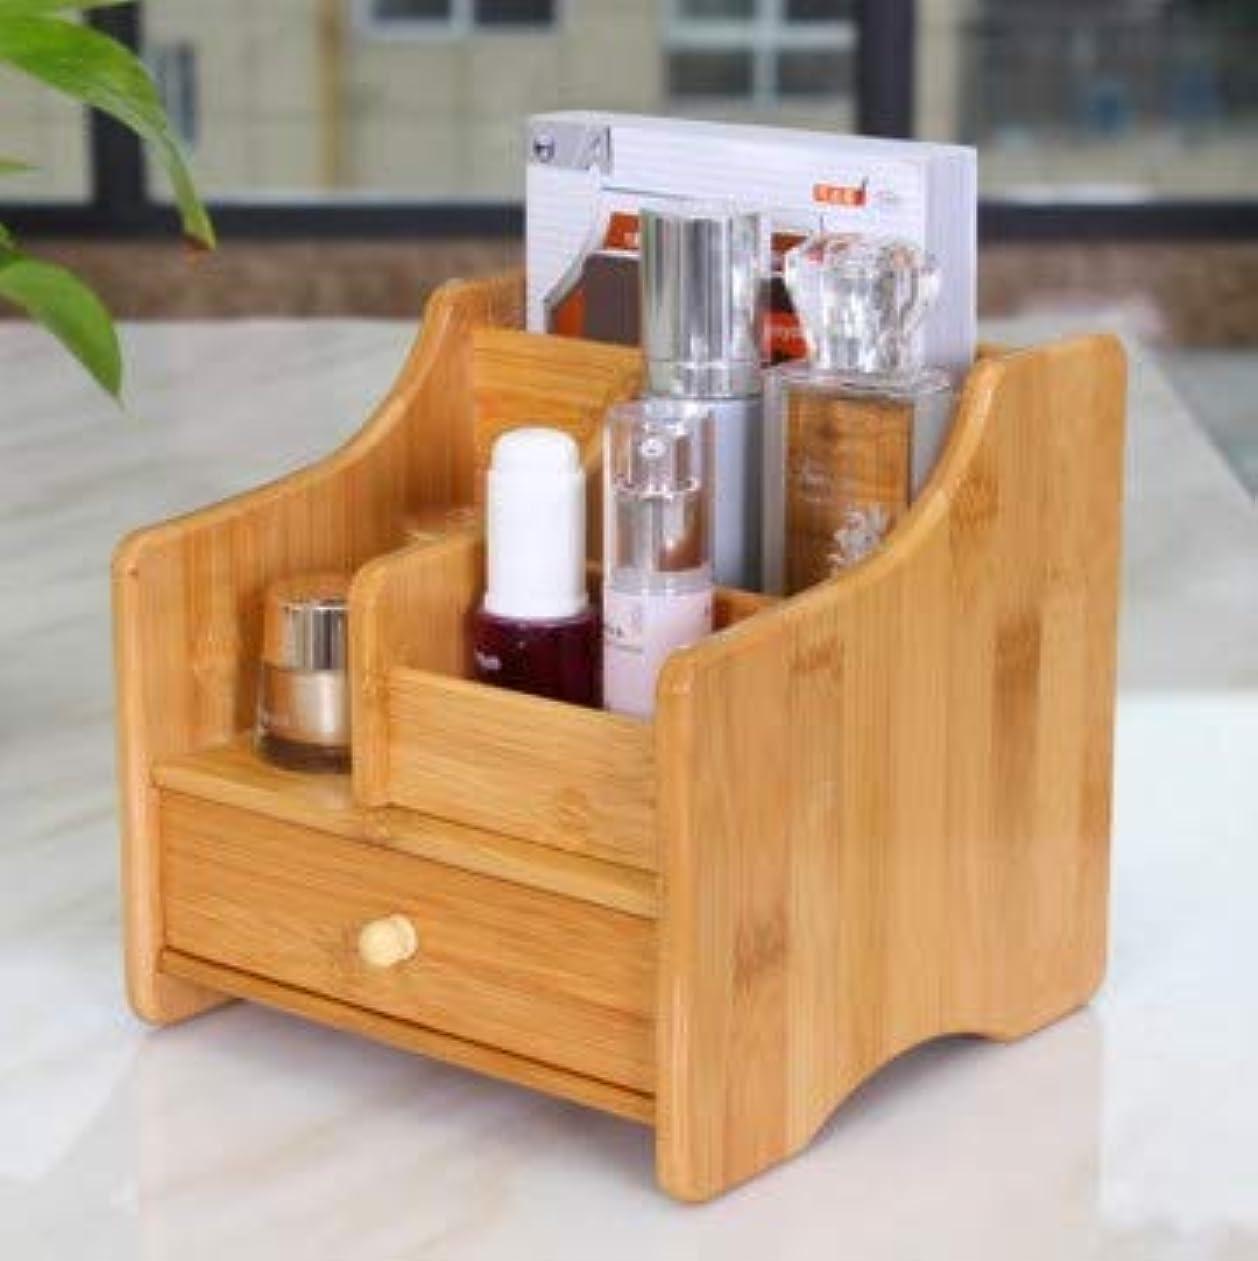 消費する暴行メイン竹デスクトップリモコン収納ボックスデスクトップ化粧品文房具竹棚化粧品収納ボックス